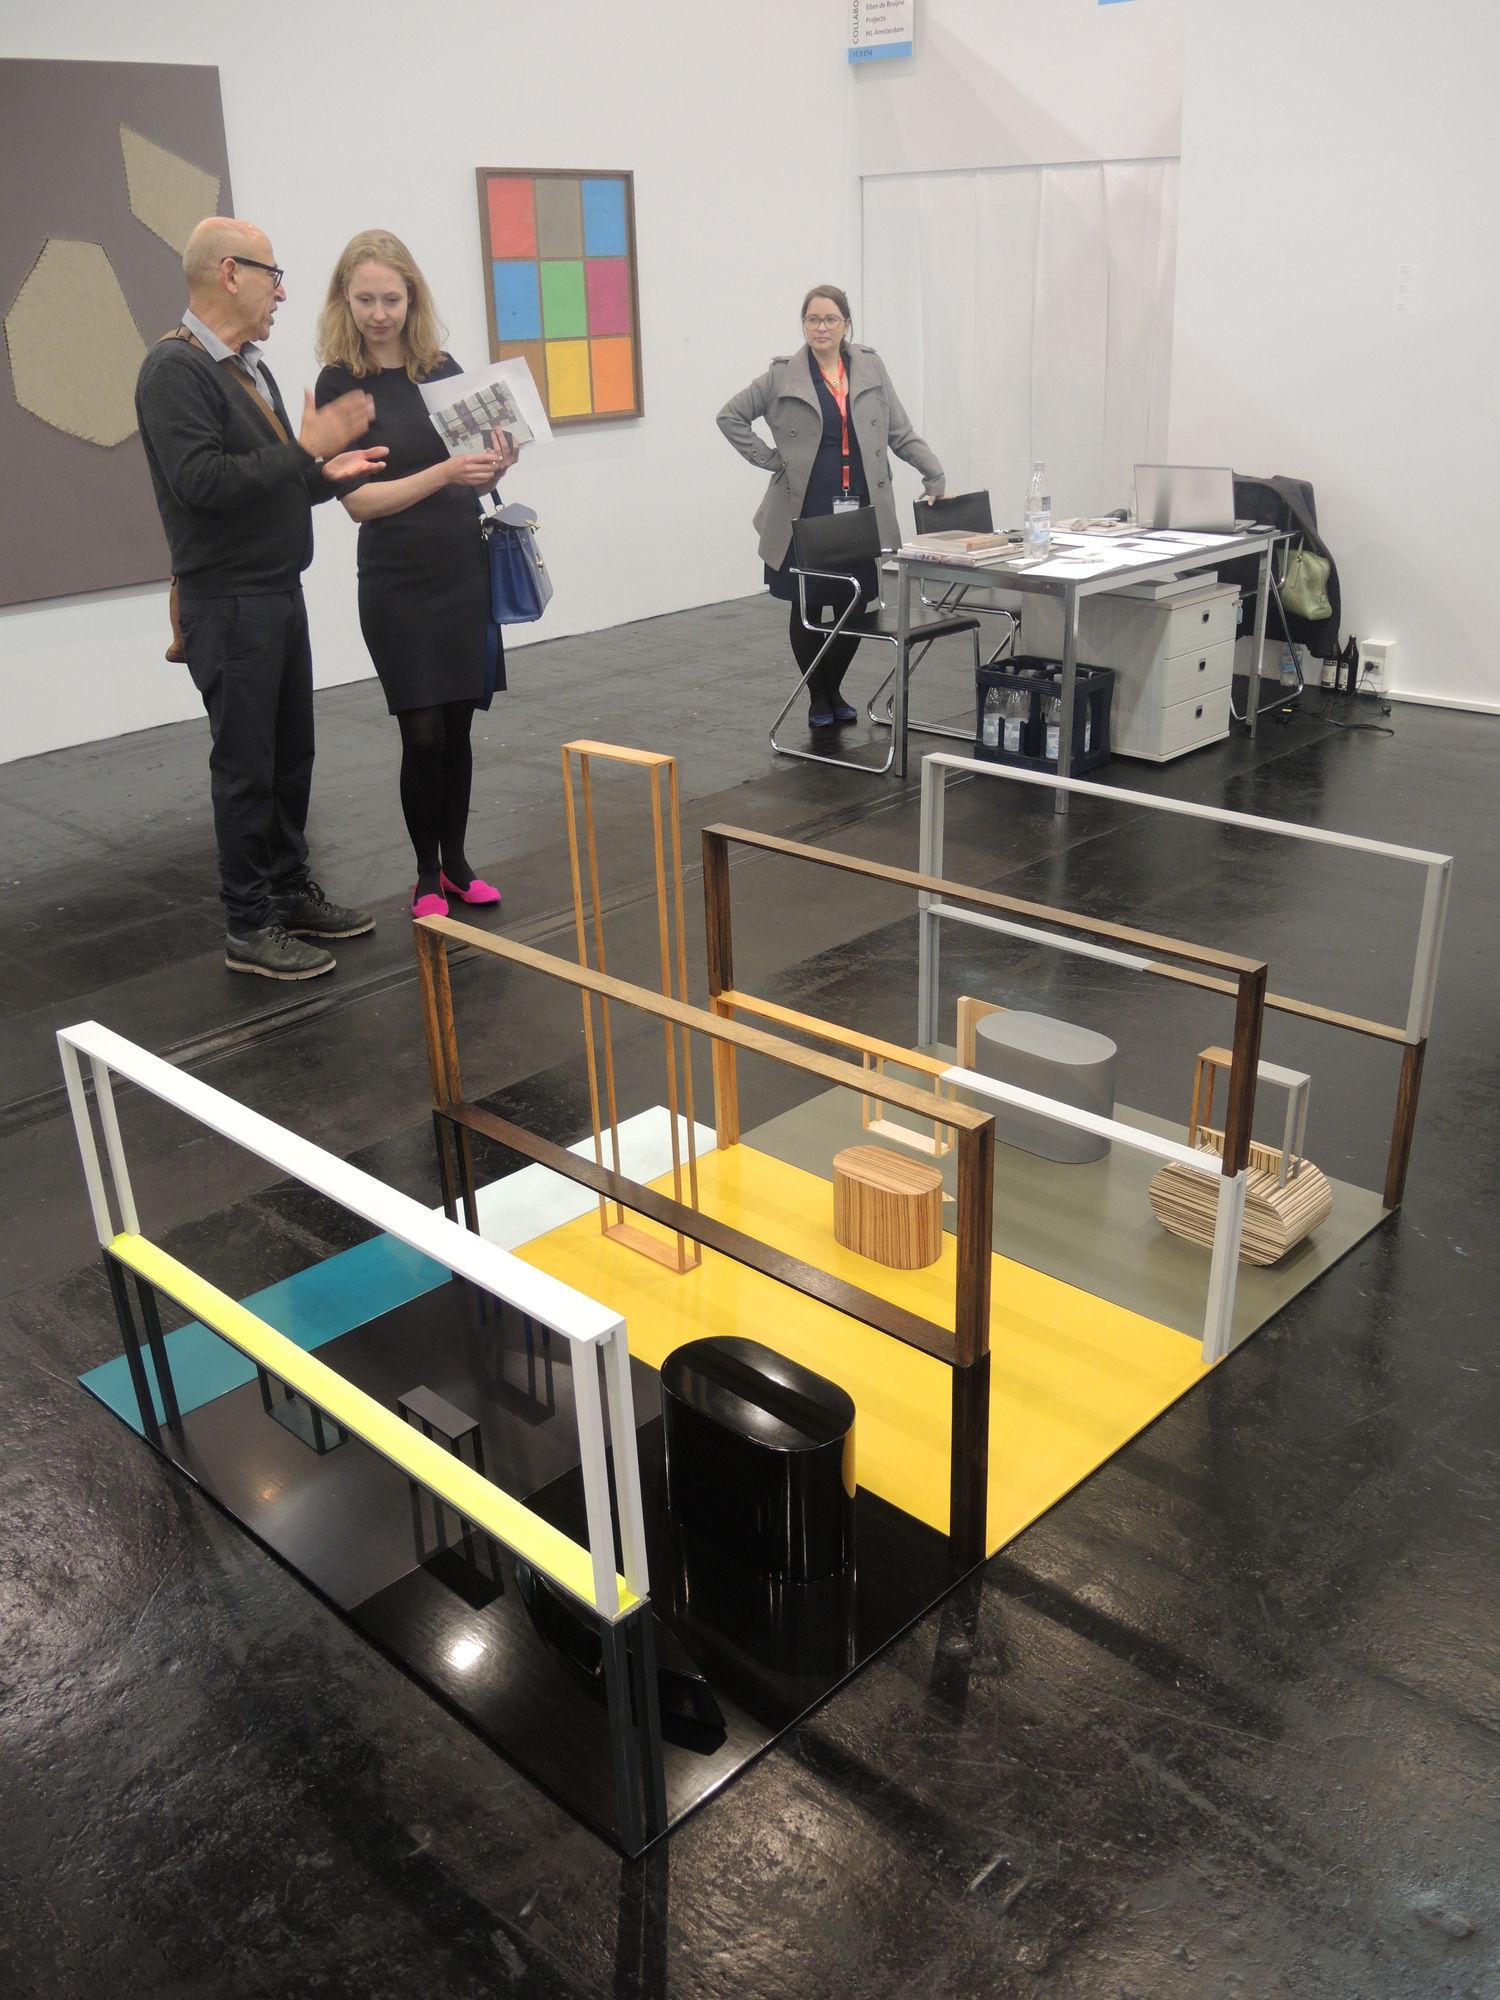 ART COLOGNE 2014 : Hezi Cohen Gallery, Israel